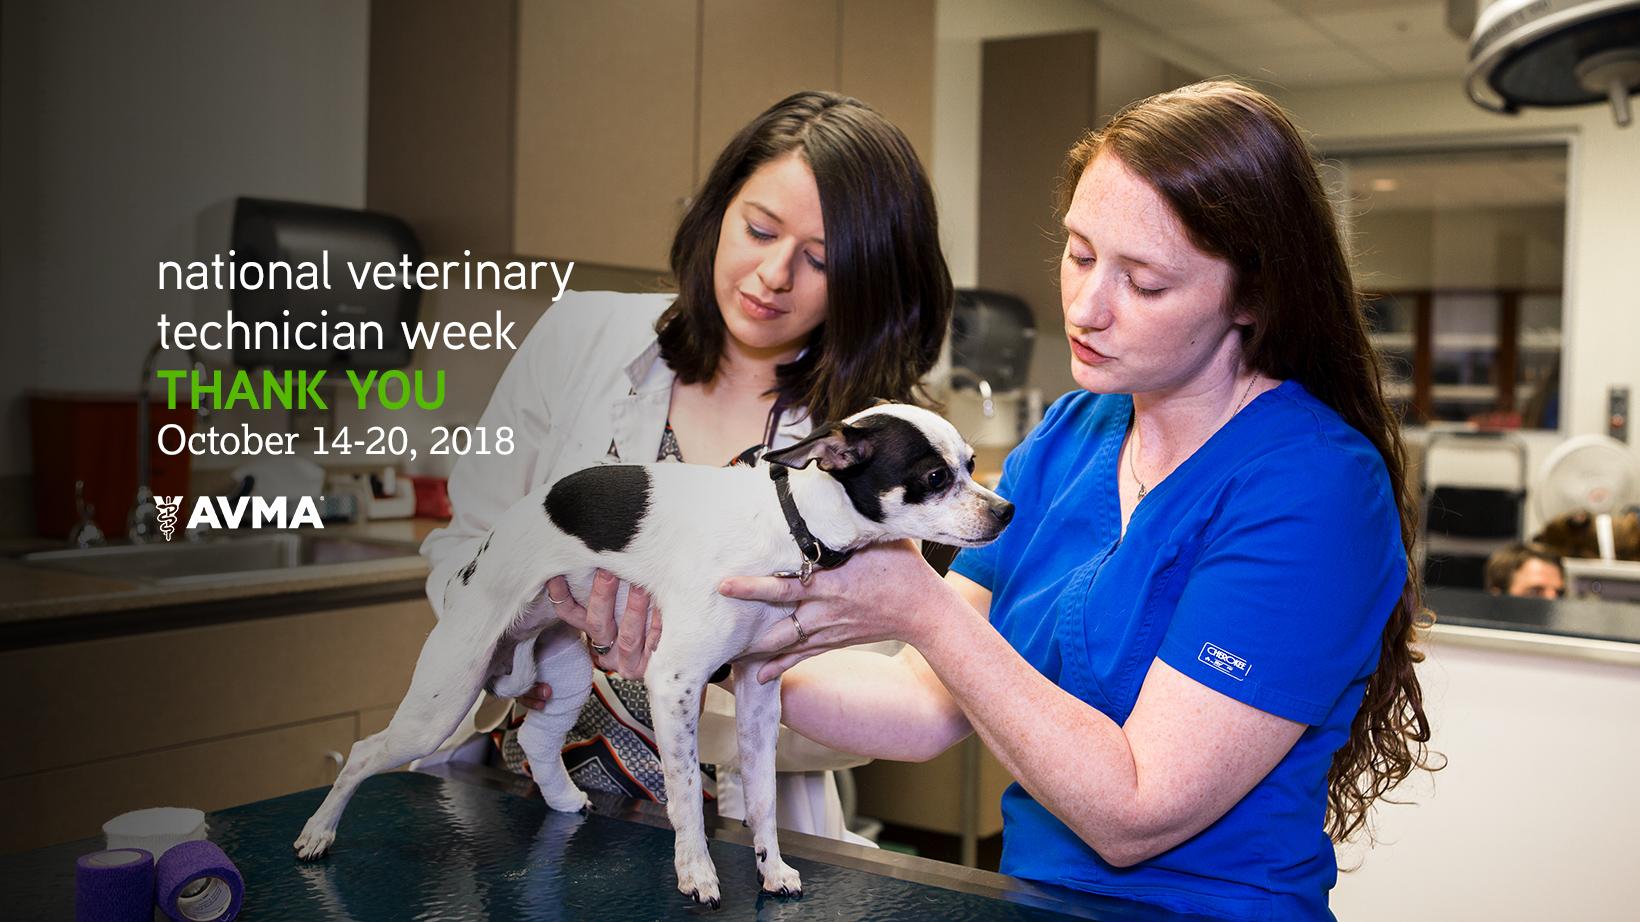 National Veterinary Technician Week Is October 14 20